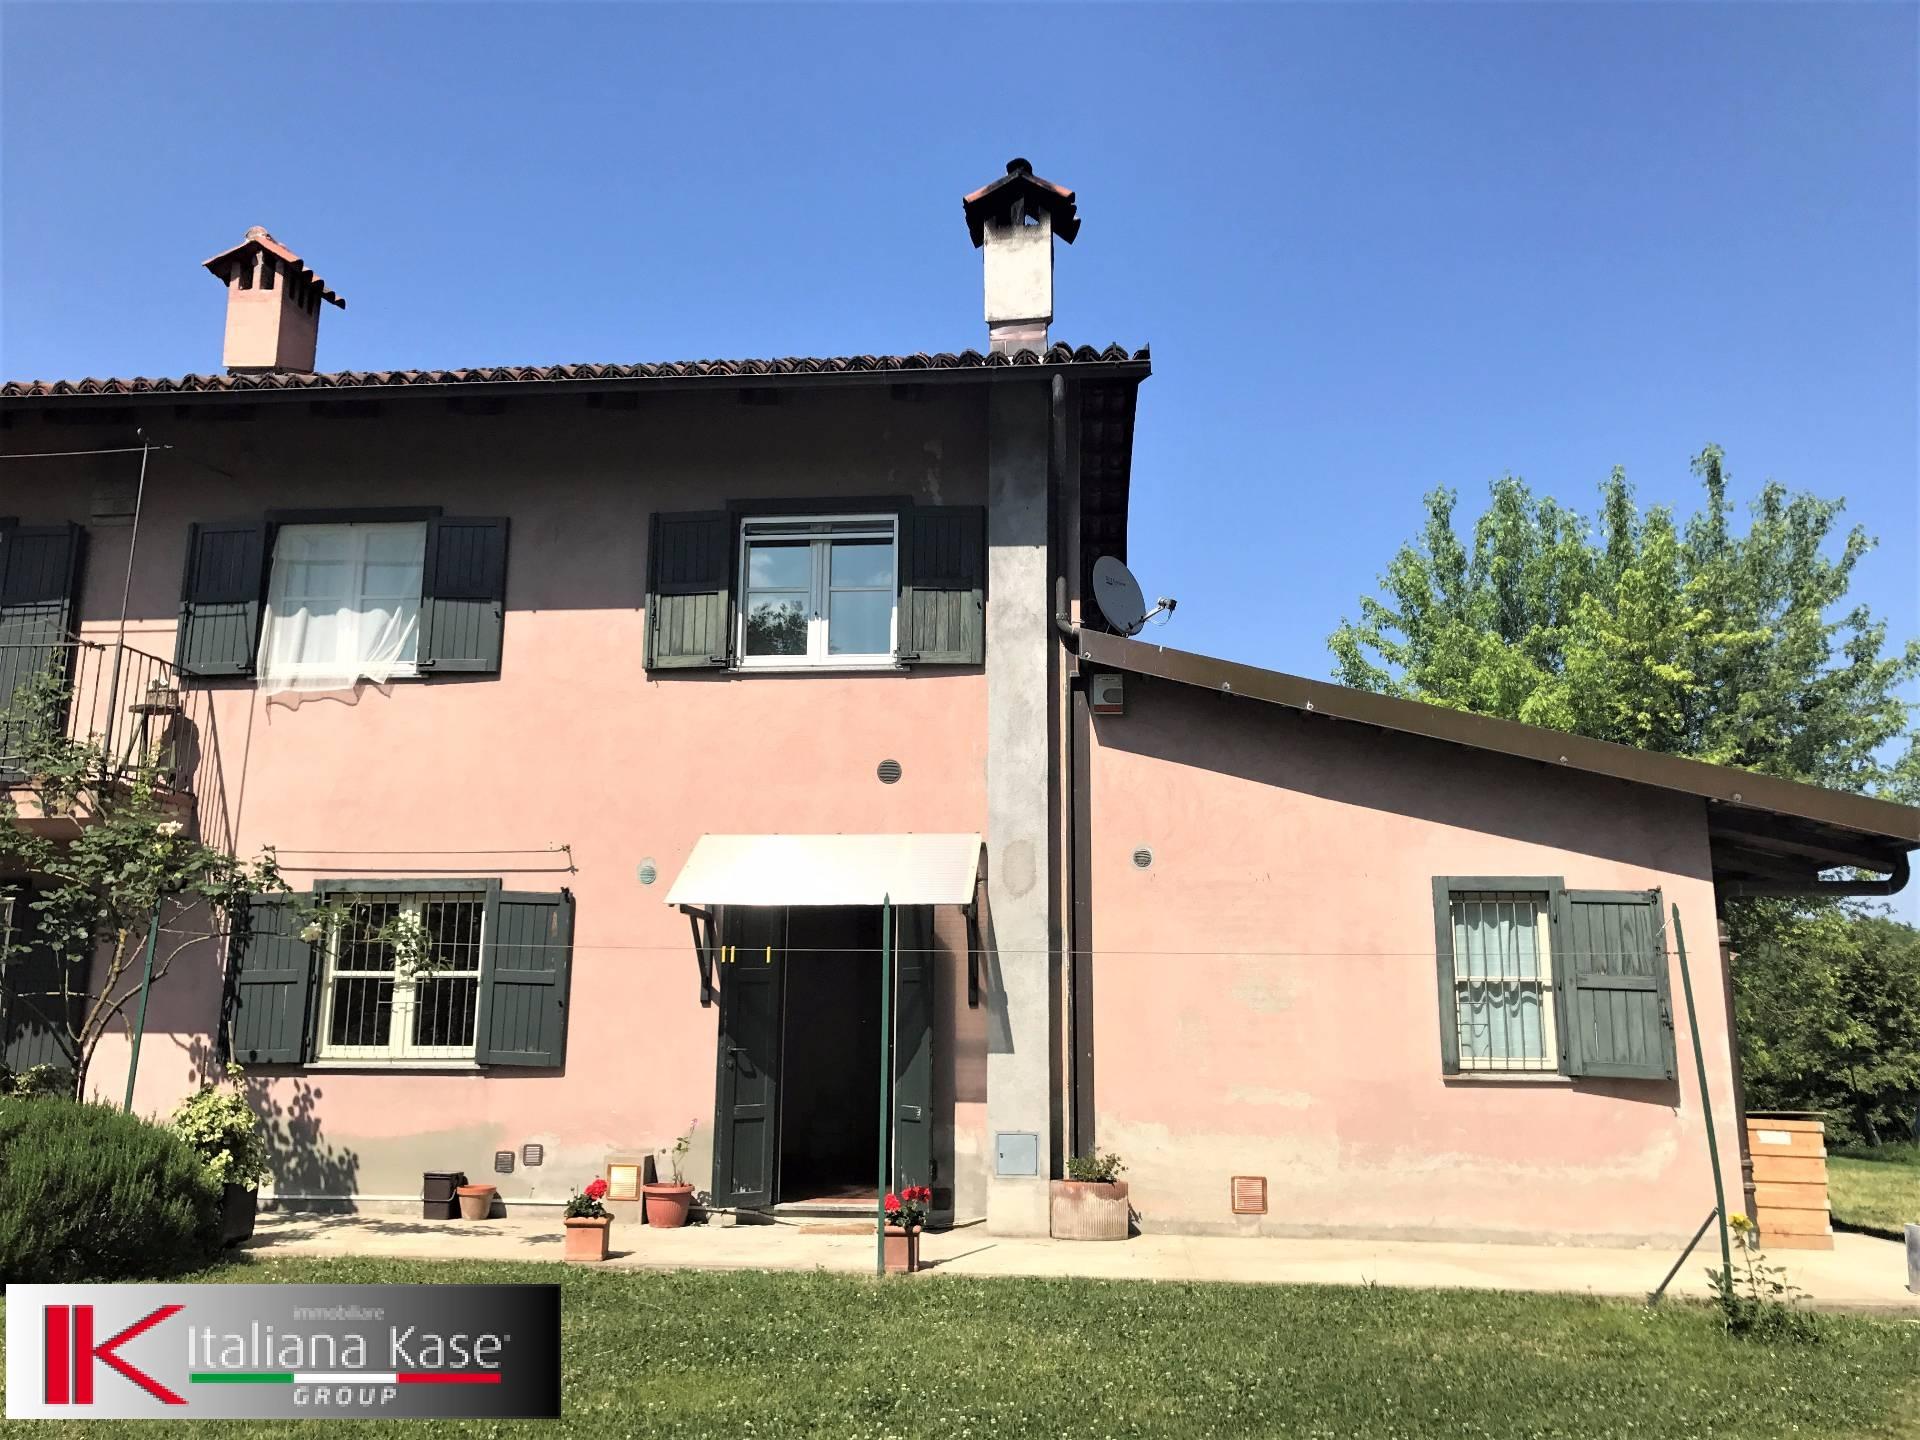 Appartamento in affitto a Sciolze, 2 locali, zona Località: Sciolze, prezzo € 350 | CambioCasa.it